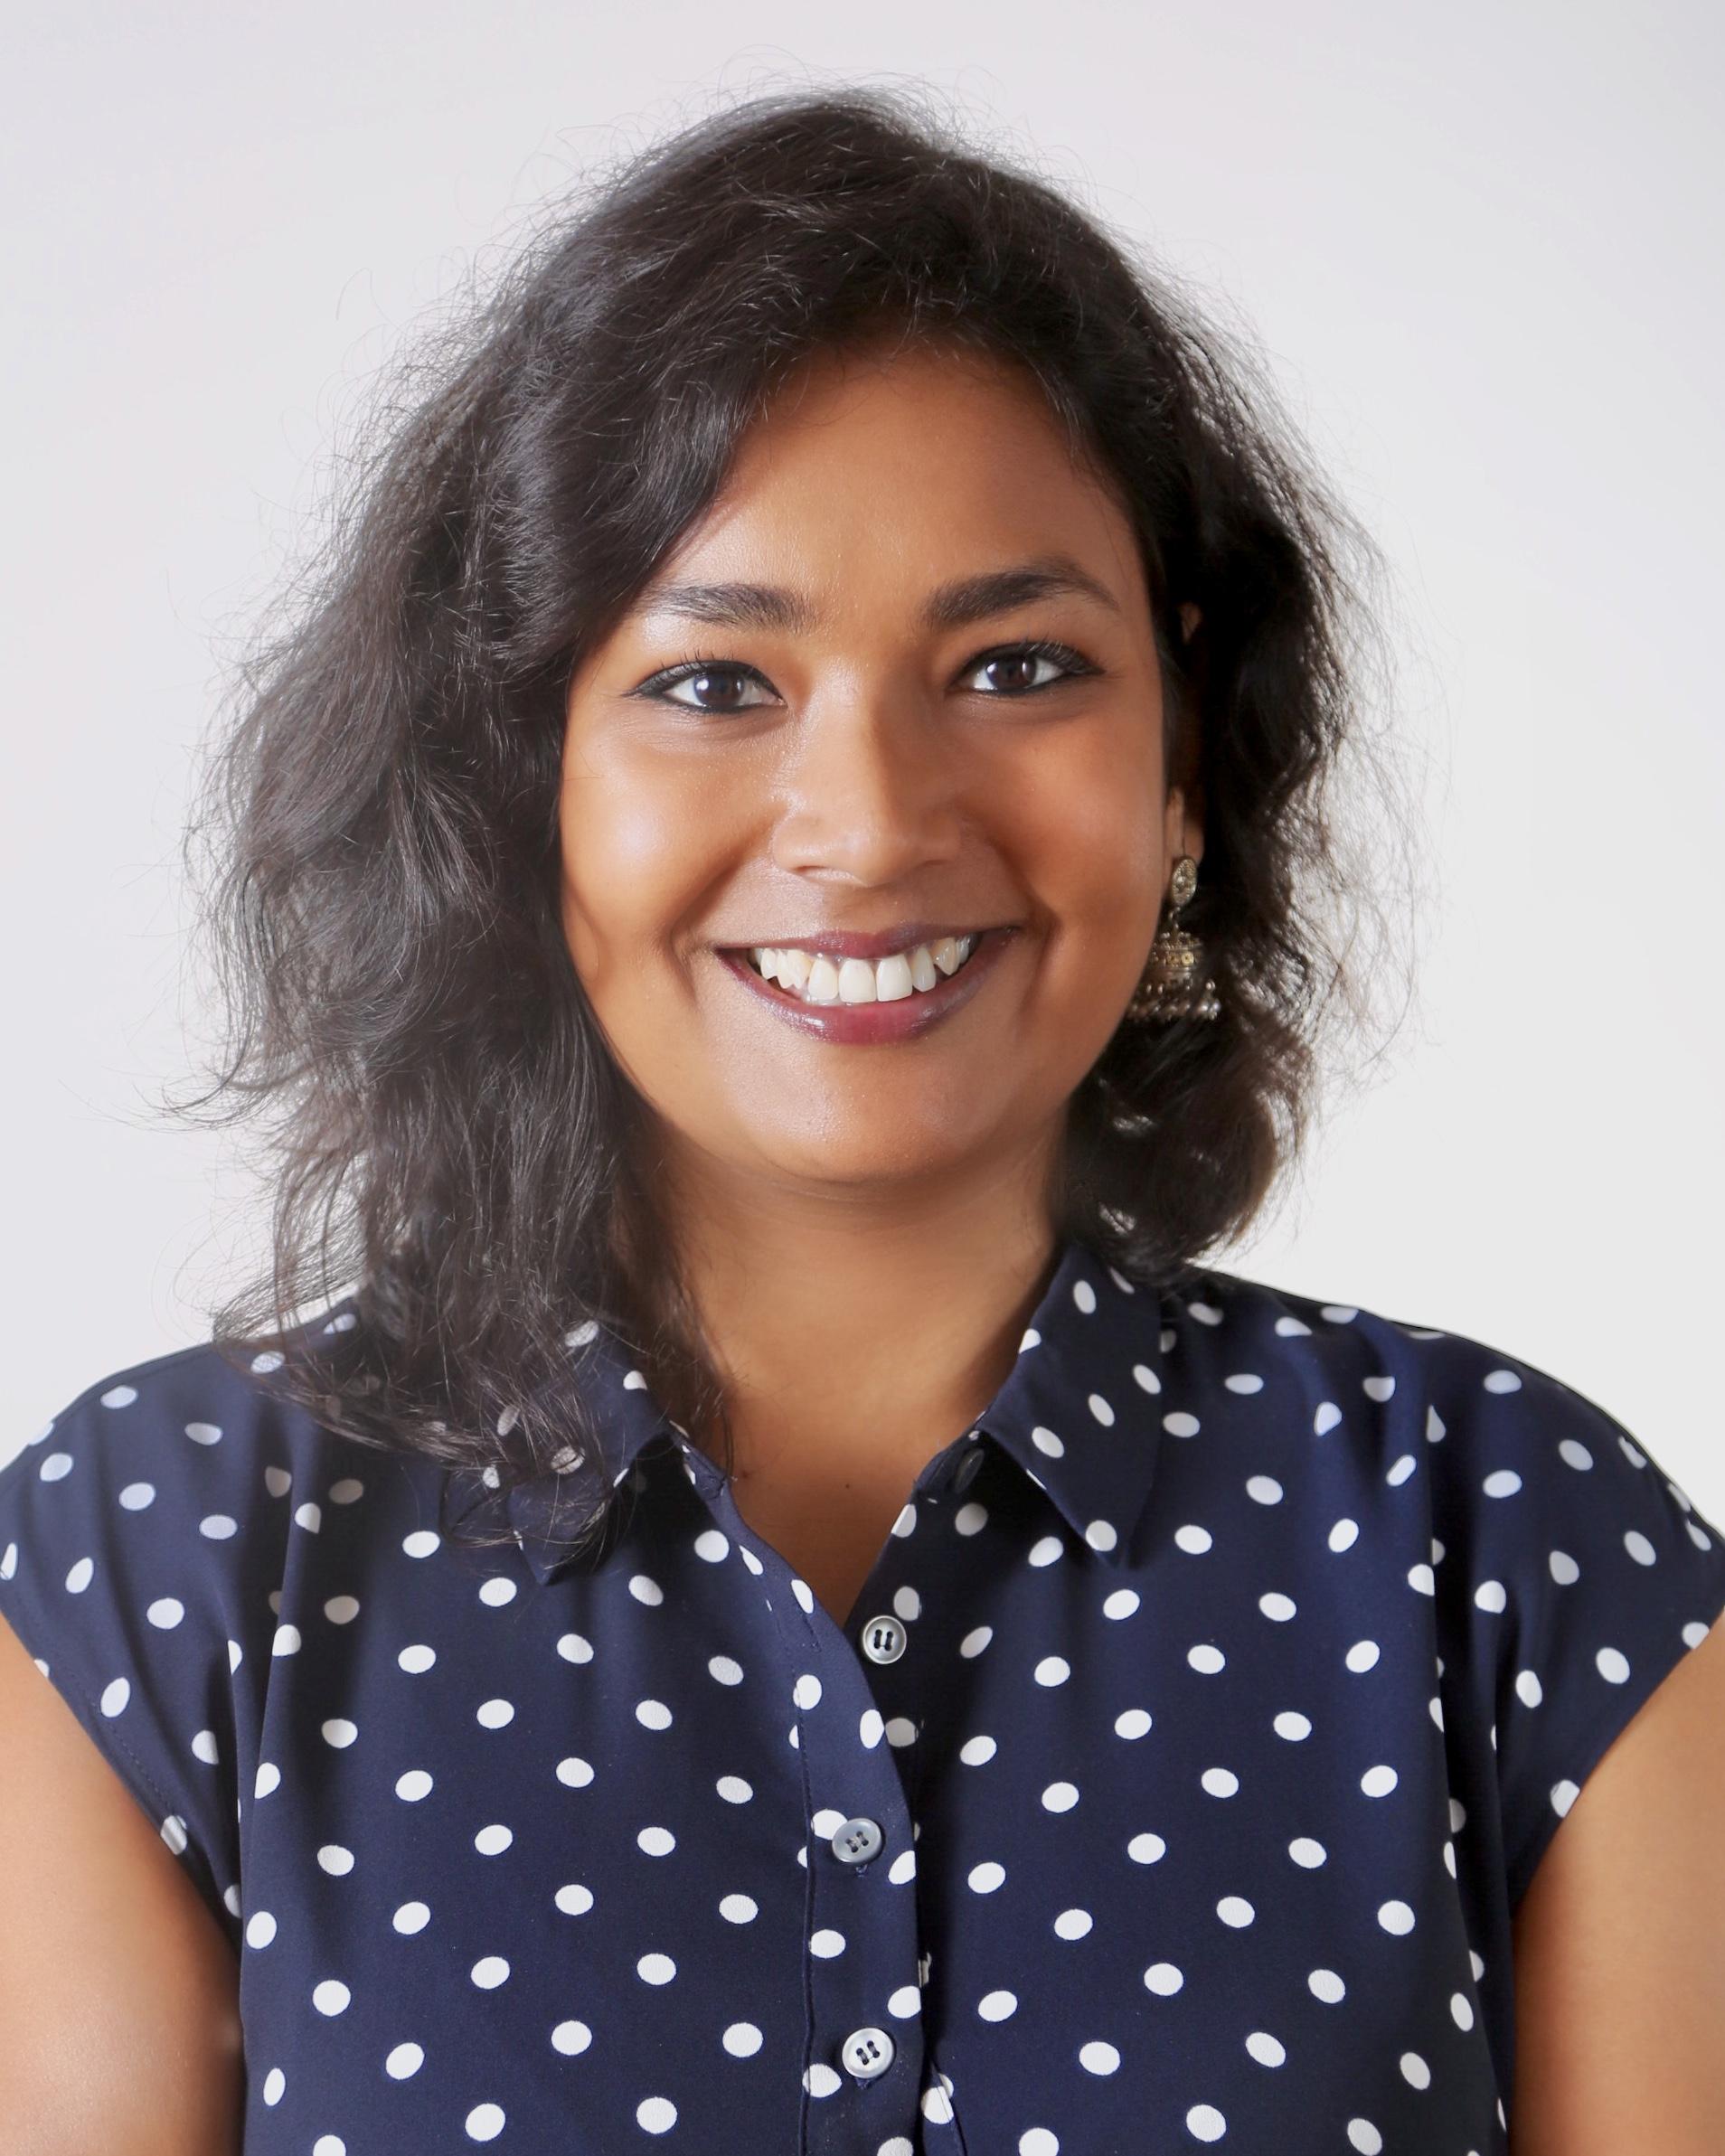 Dipanwita Das, CEO & Co-founder - Sorcero